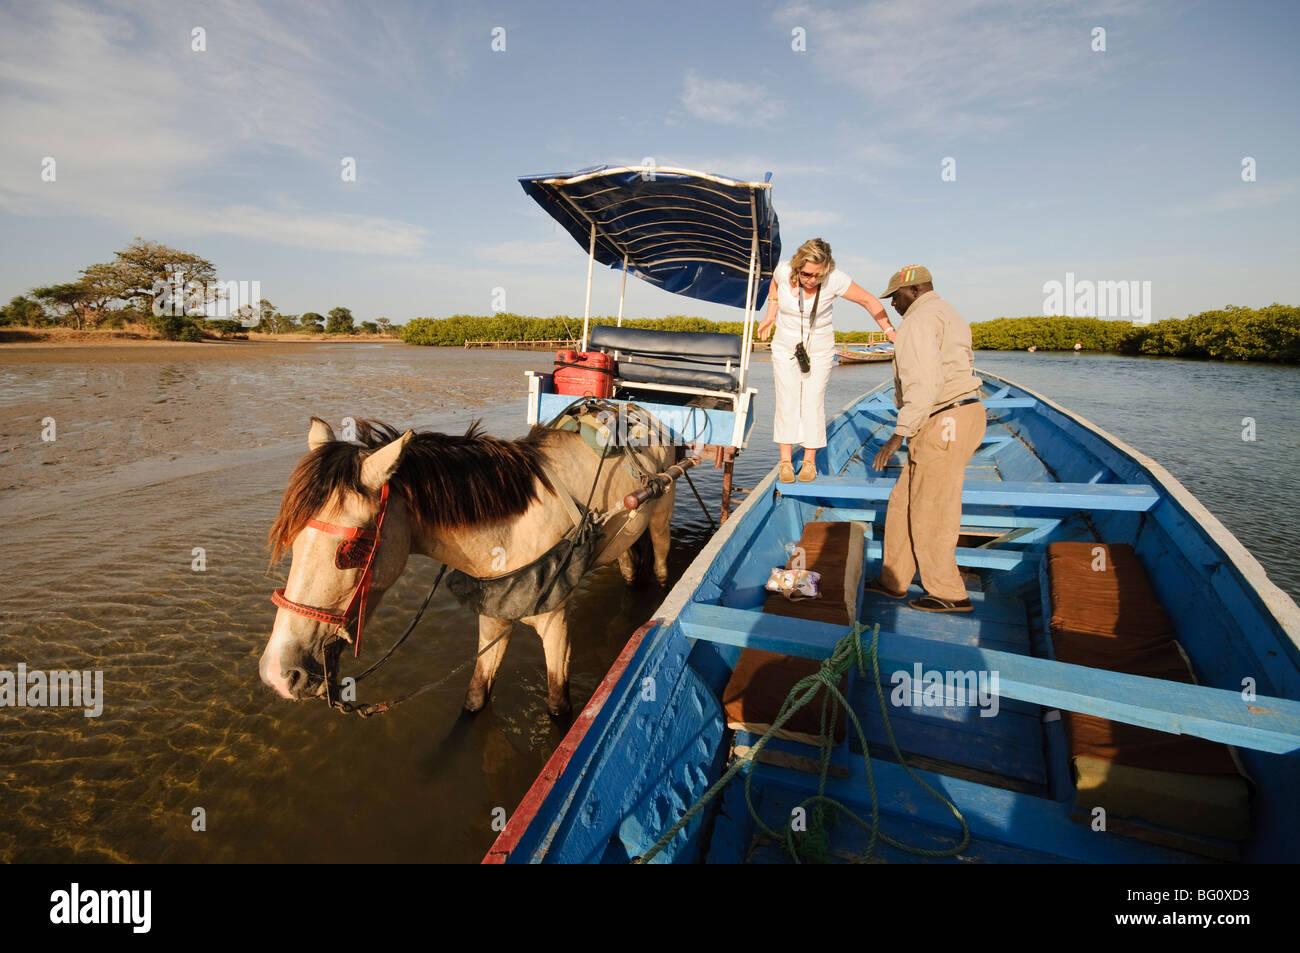 Erogazione di passeggeri per piroga o la pesca in barca sulle lagune del Sine Saloum delta, Senegal, Africa occidentale, Immagini Stock